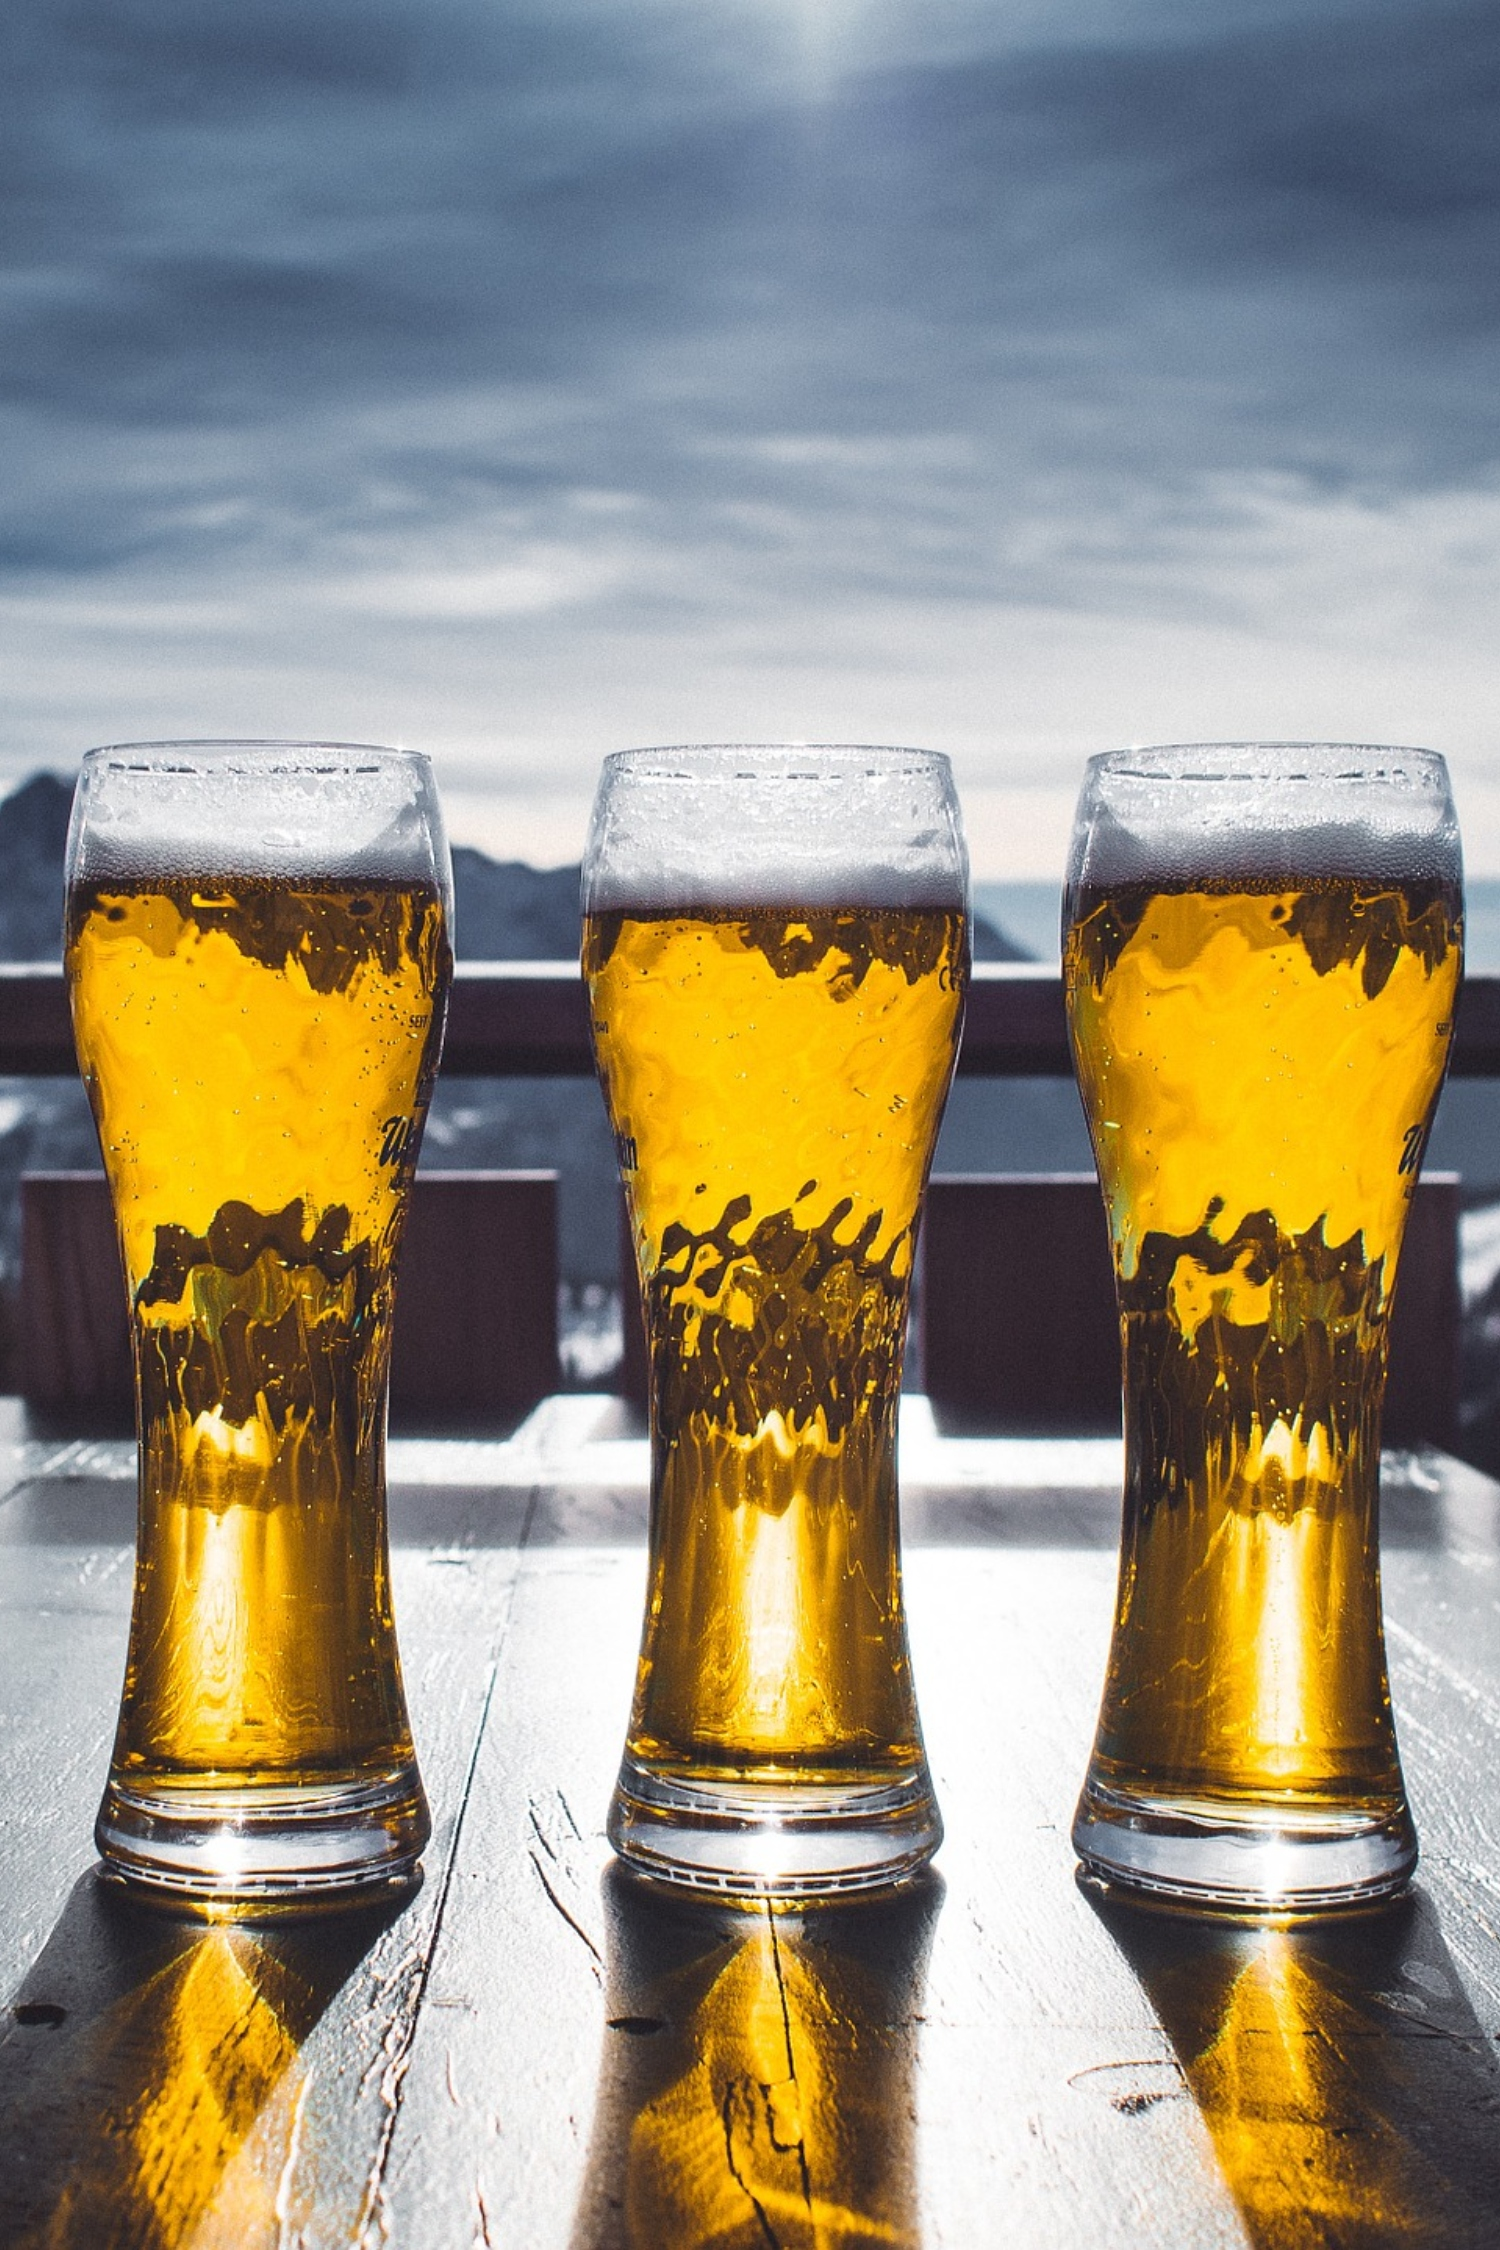 ¿Qué consecuencias tiene una cerveza en nuestro cuerpo después de entrenar?